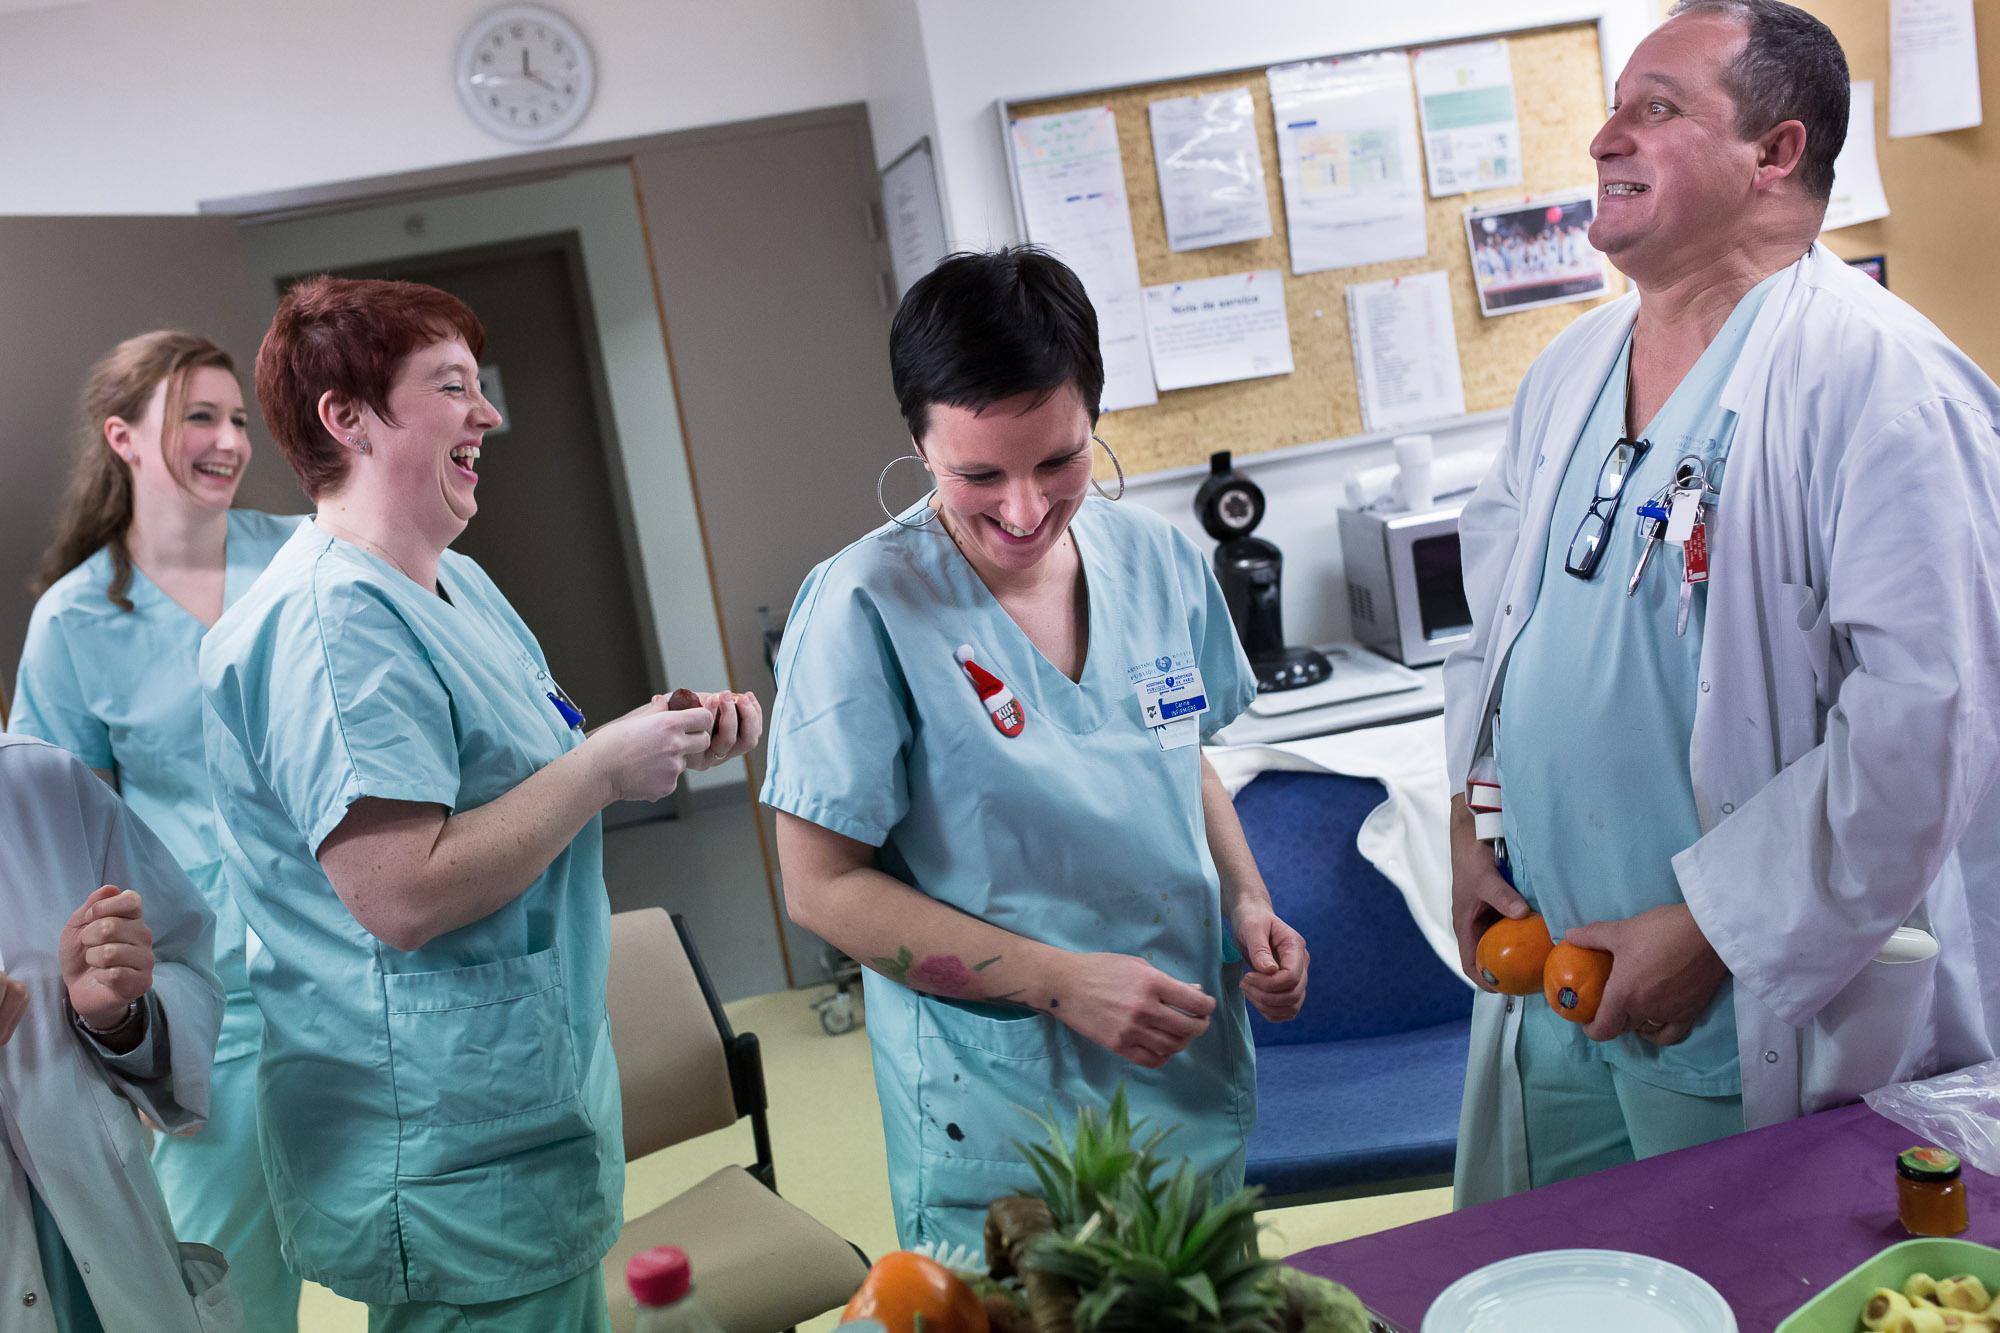 Un aide-soignant fait rire ses collègues en salle de détente.